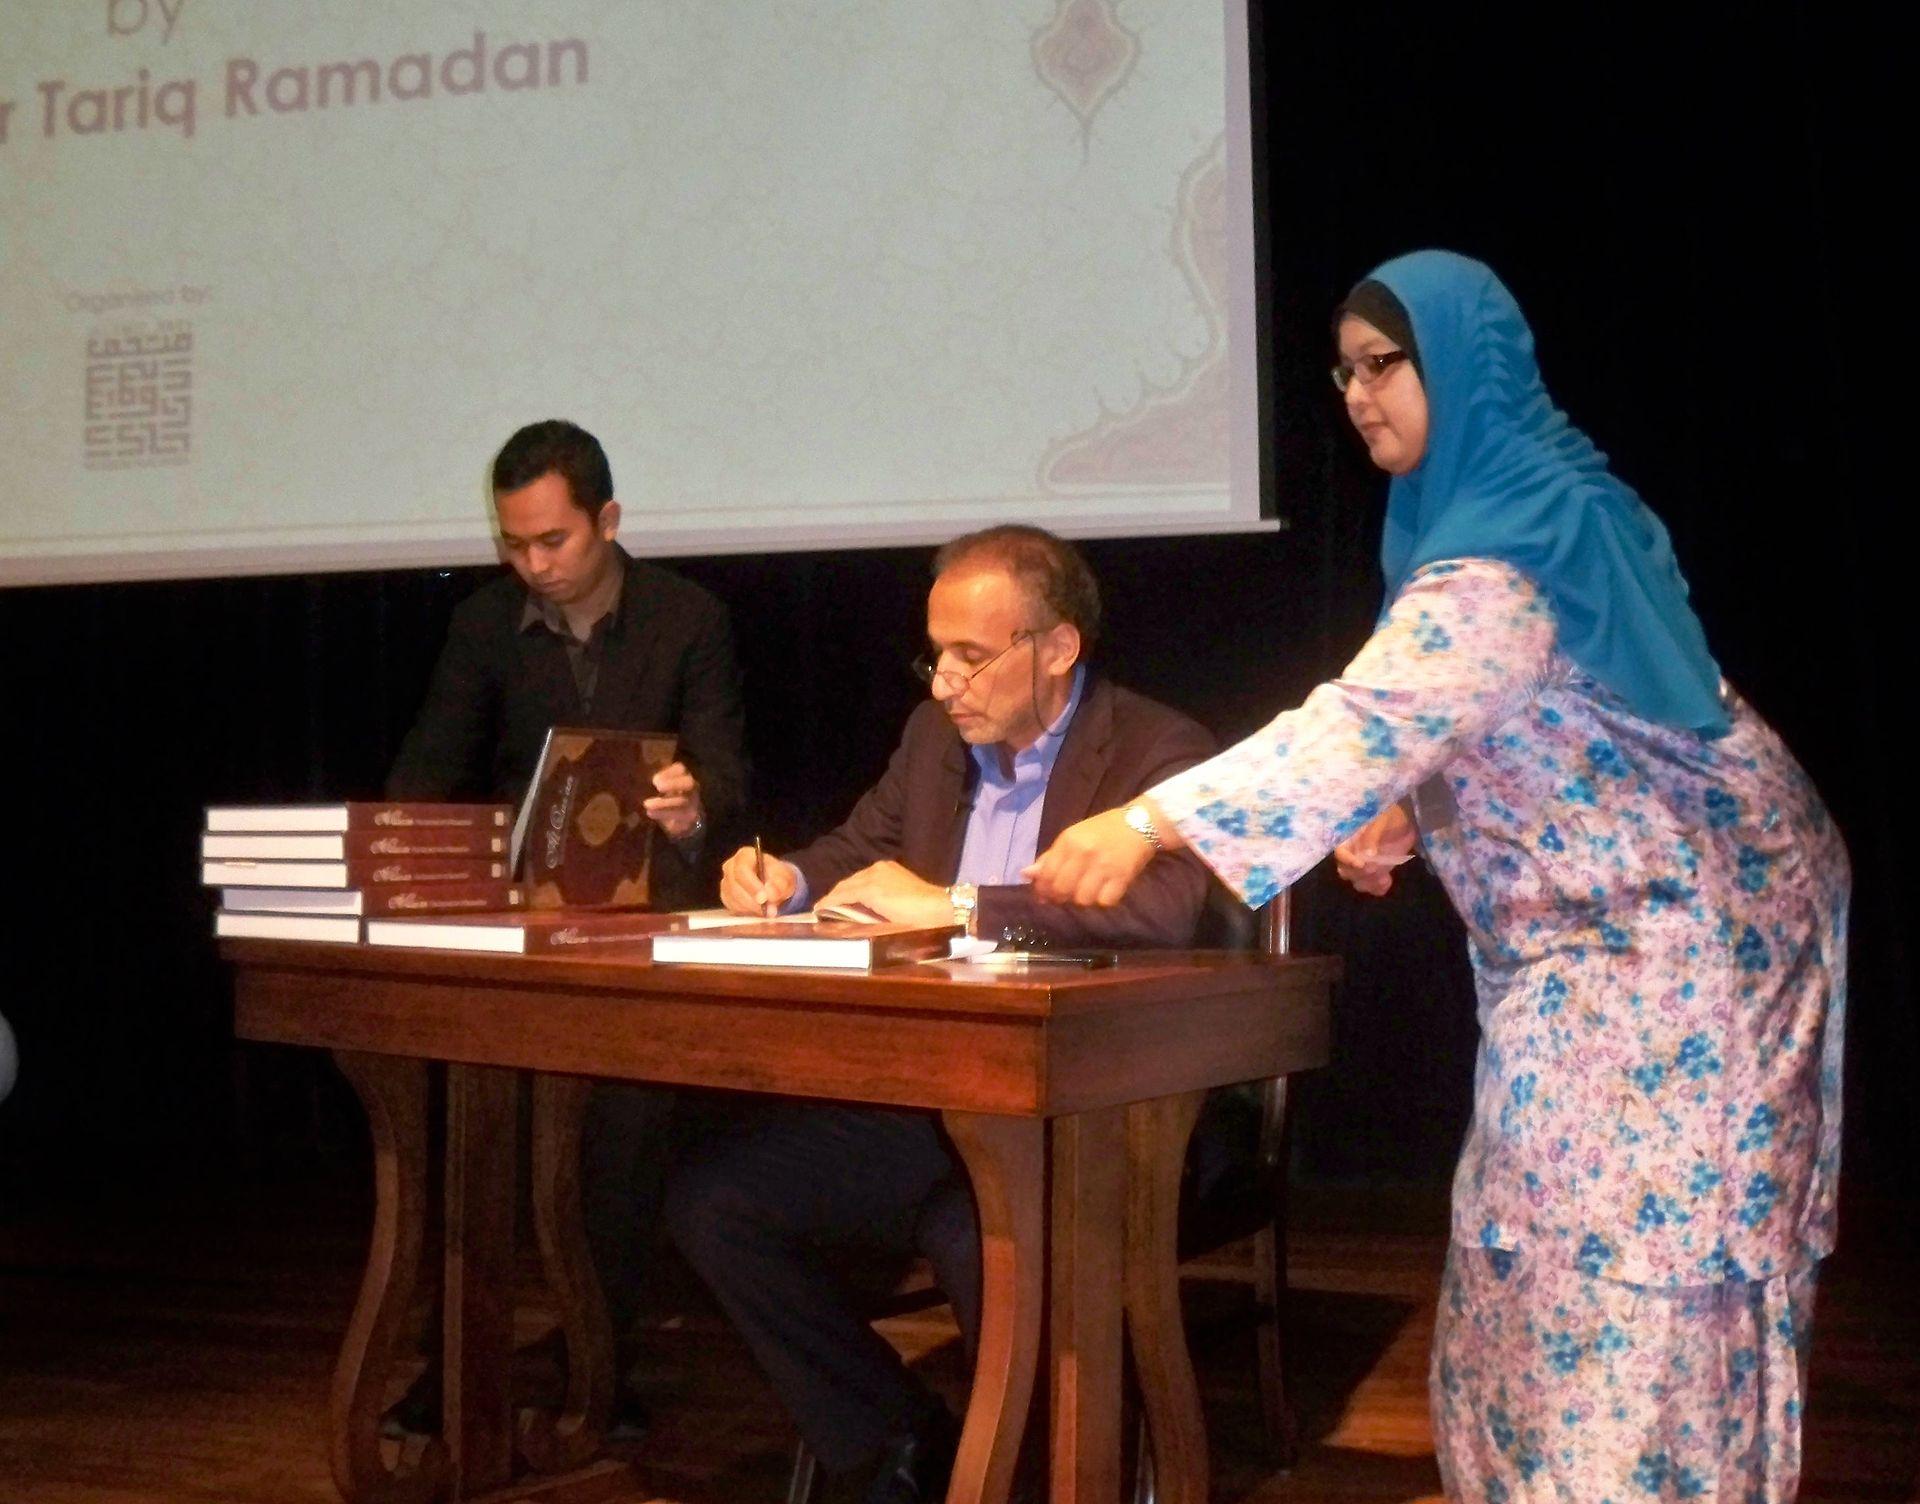 Tariq Ramadan signing books. Muslim Arts Museum, Kuala Lumpur, Malaysia, 31 January 2015. Photo: Wiki,  Victor Pogadaev  ( CC BY-SA 3.0 )